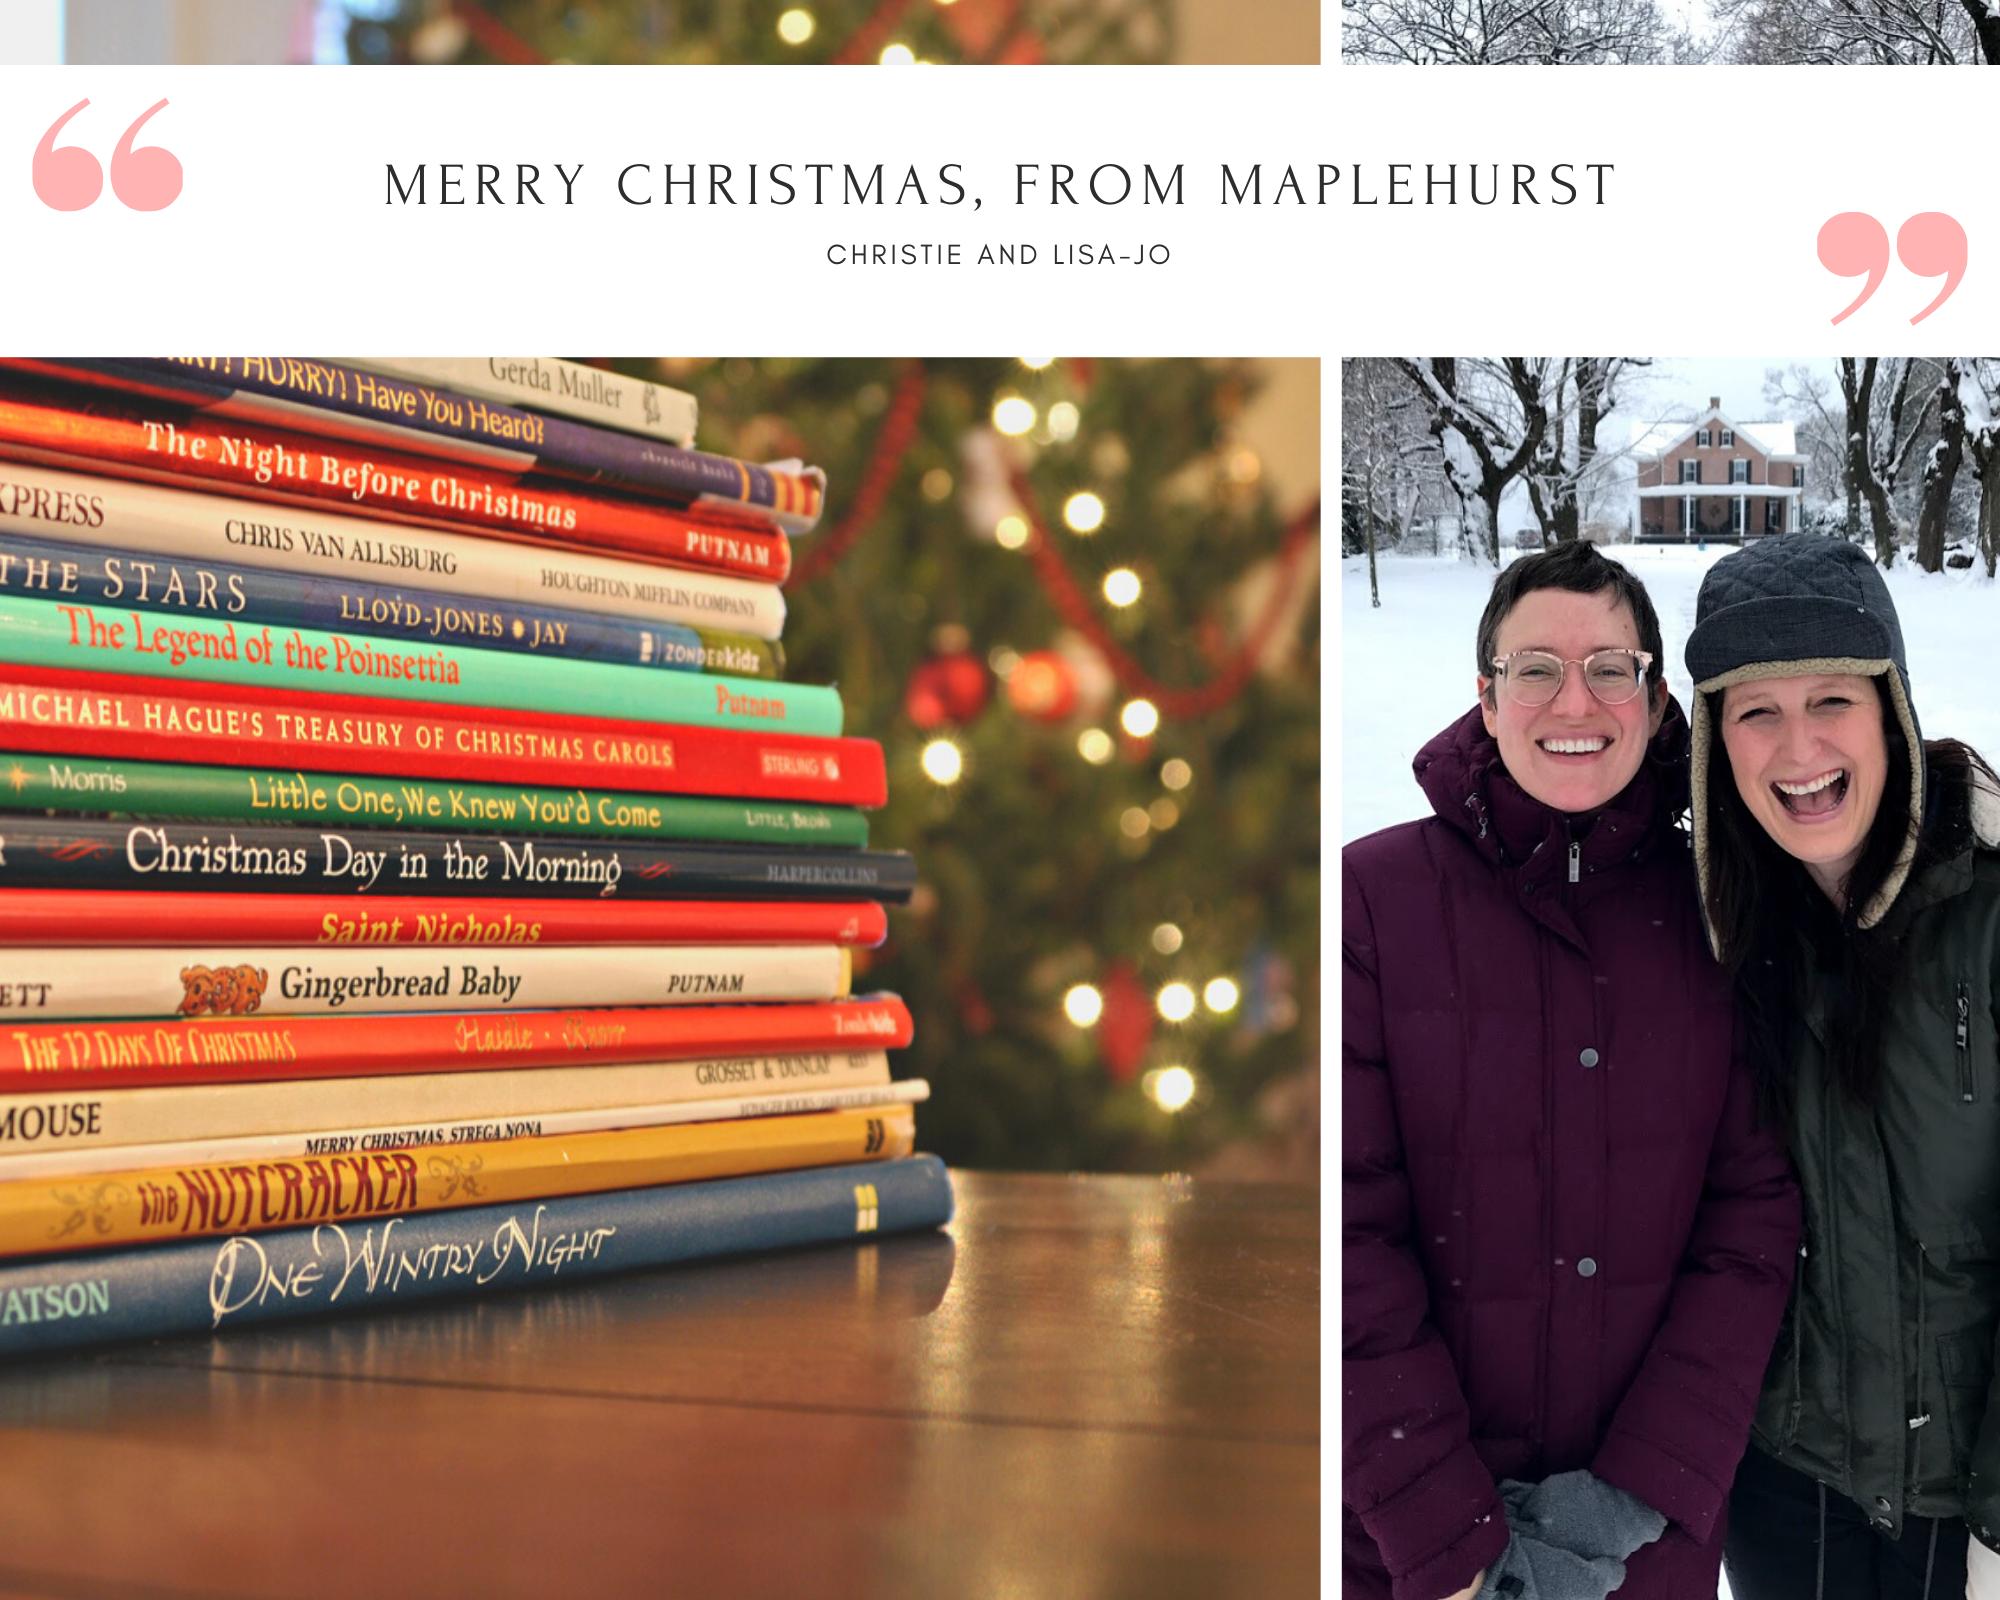 MERRY CHRISTMAS, FROM MAPLEHURST